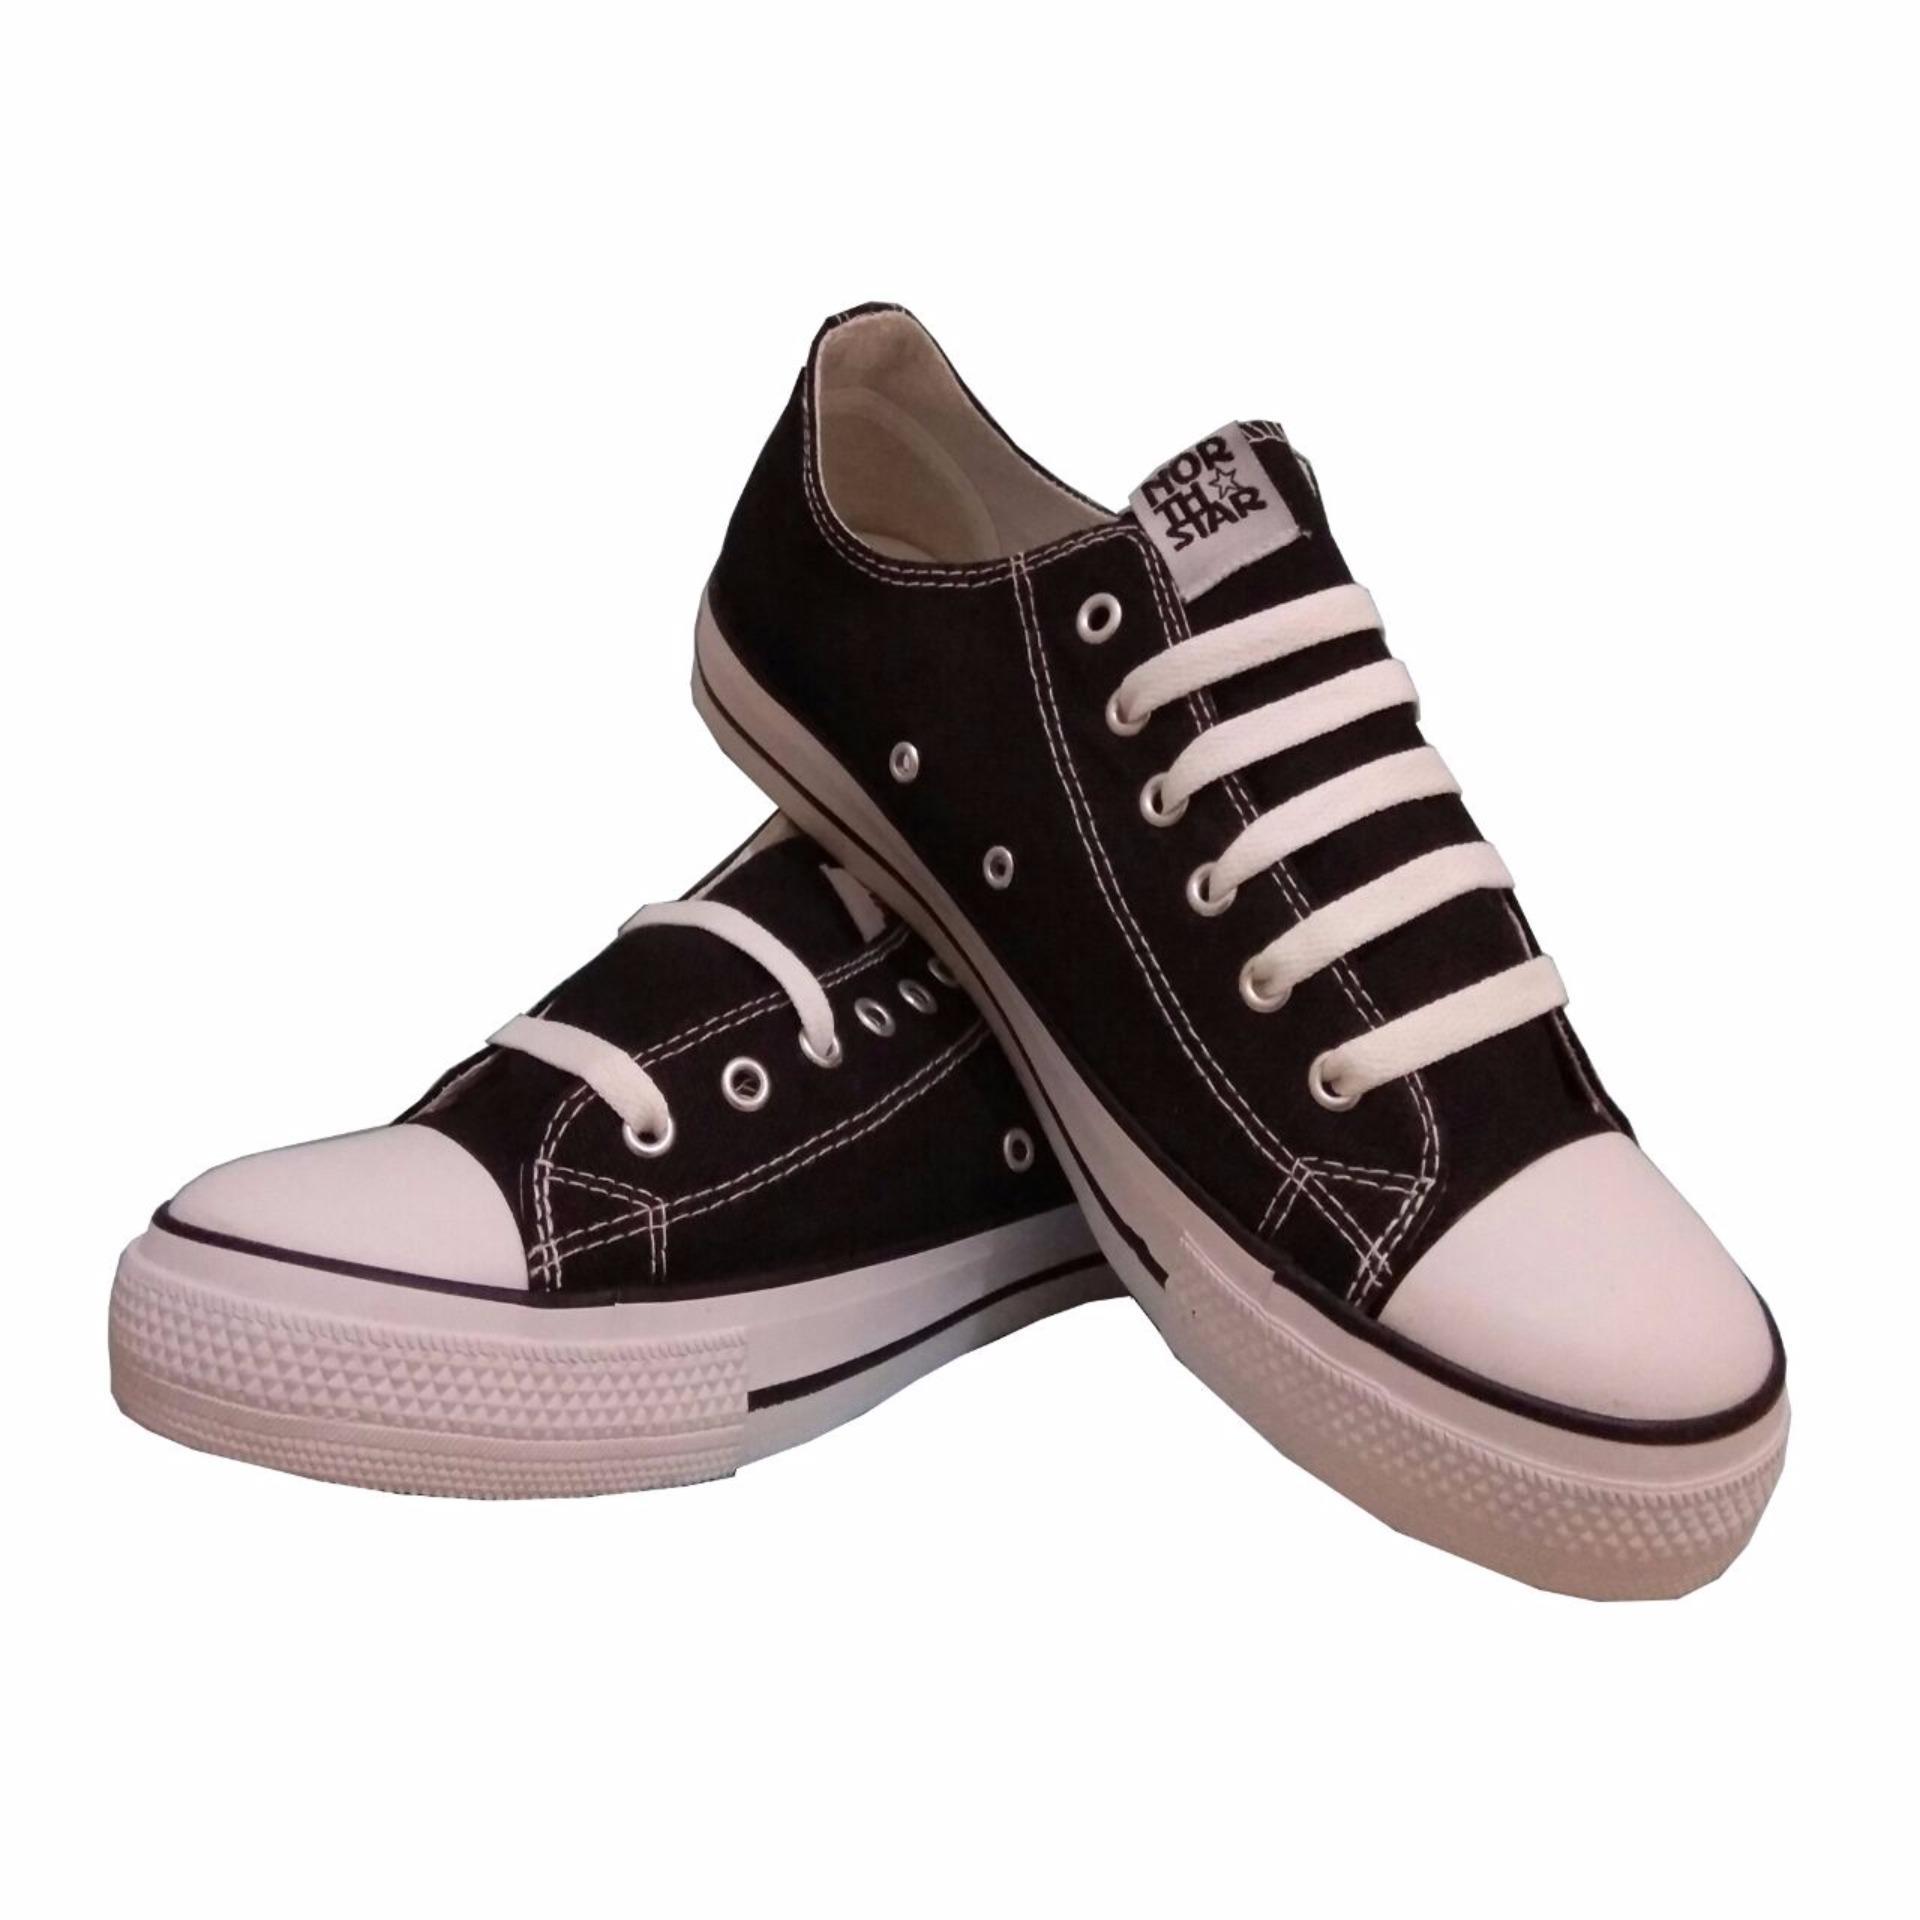 Harga Sepatu North Star Low Cut Black White Yang Murah Dan Bagus